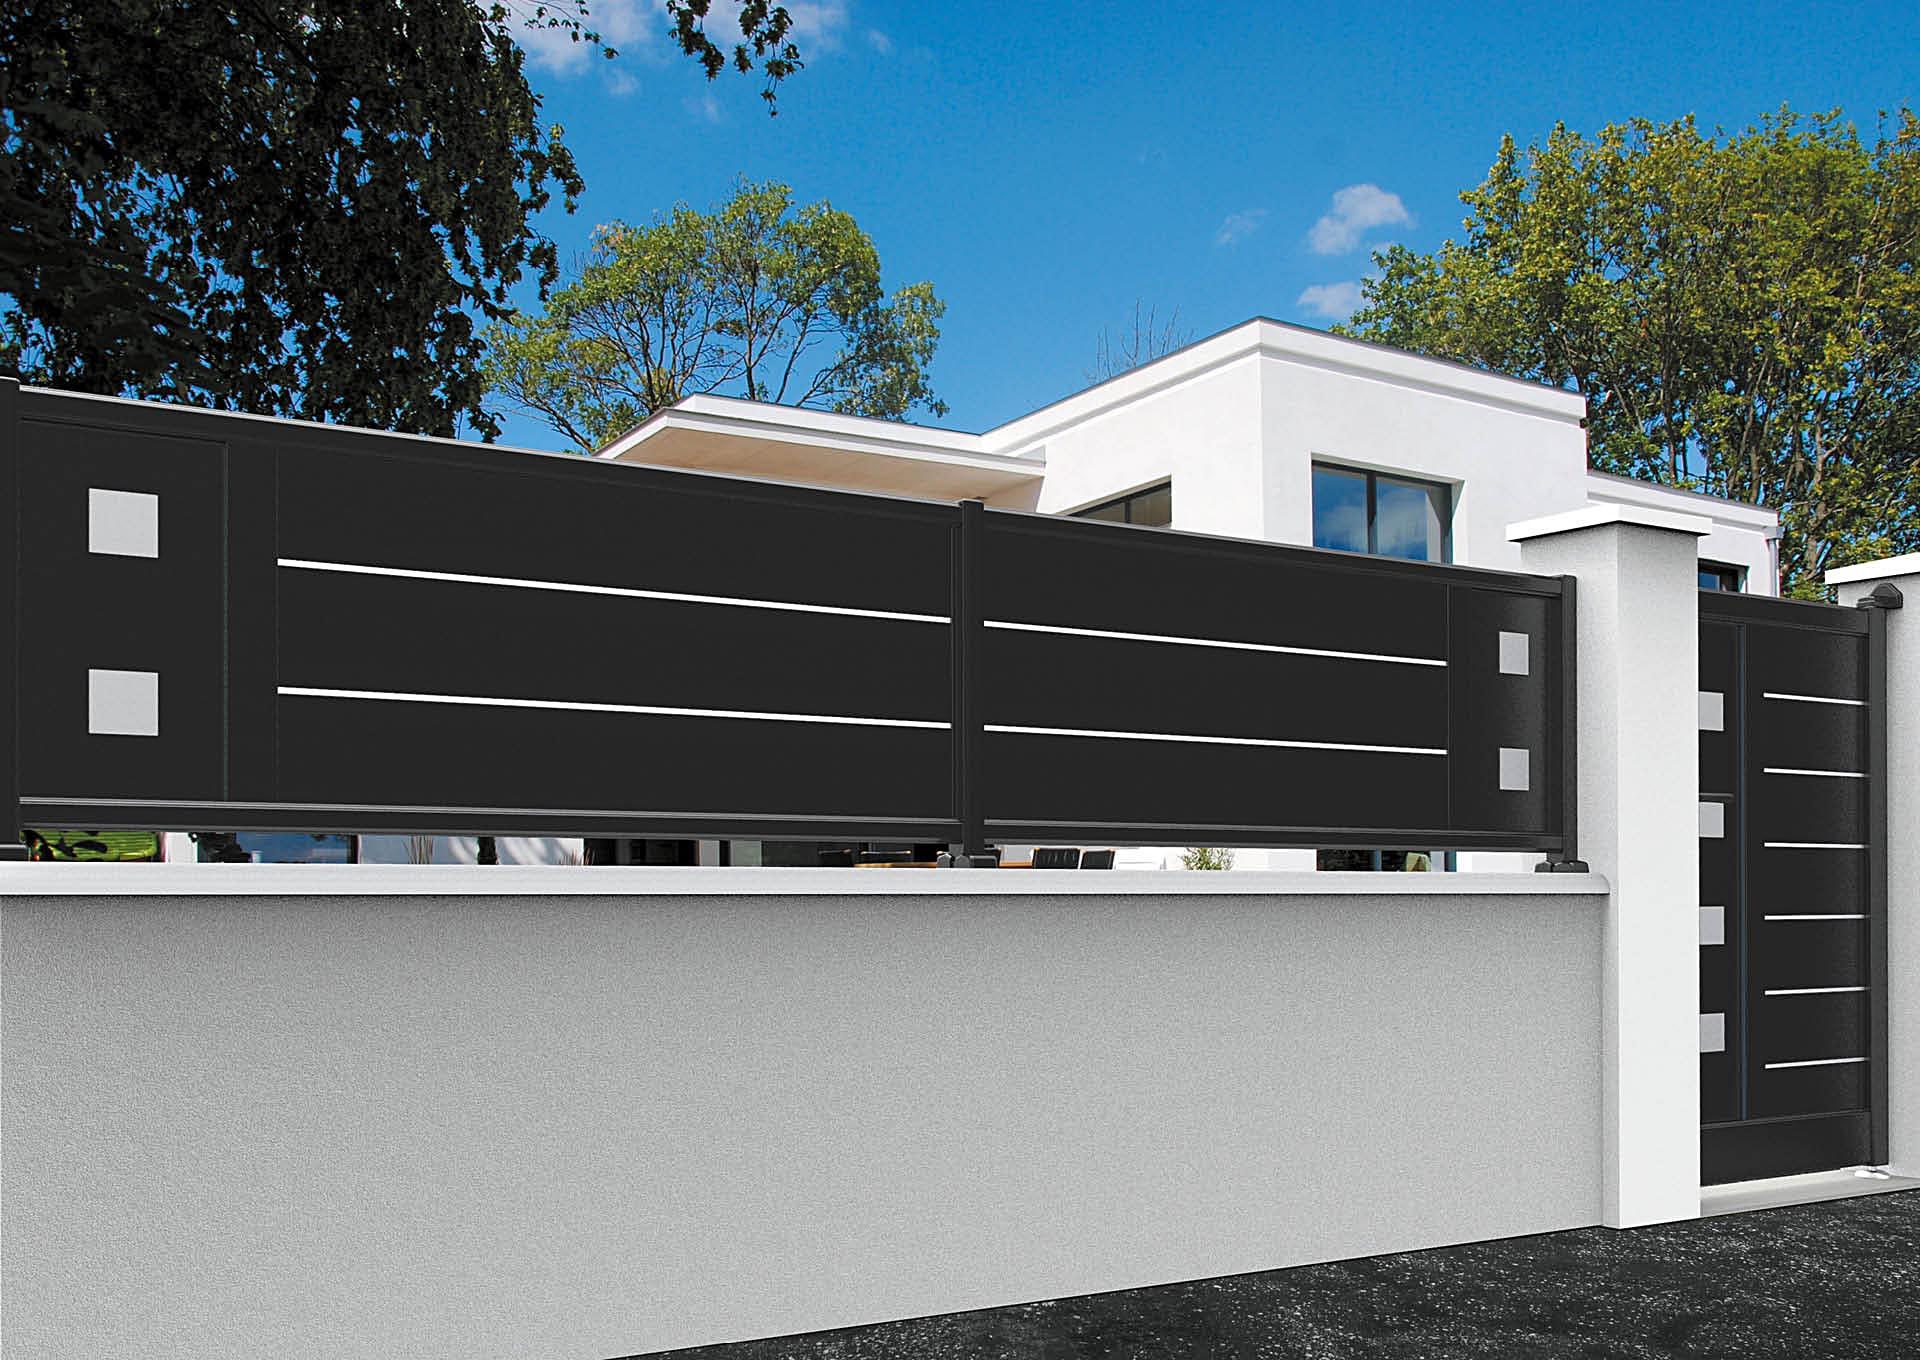 Clôture en aluminium 9110_CL_S2DA Clôtures lames horizontales 200mm et liserés + décor imitation inox Carrés pleins